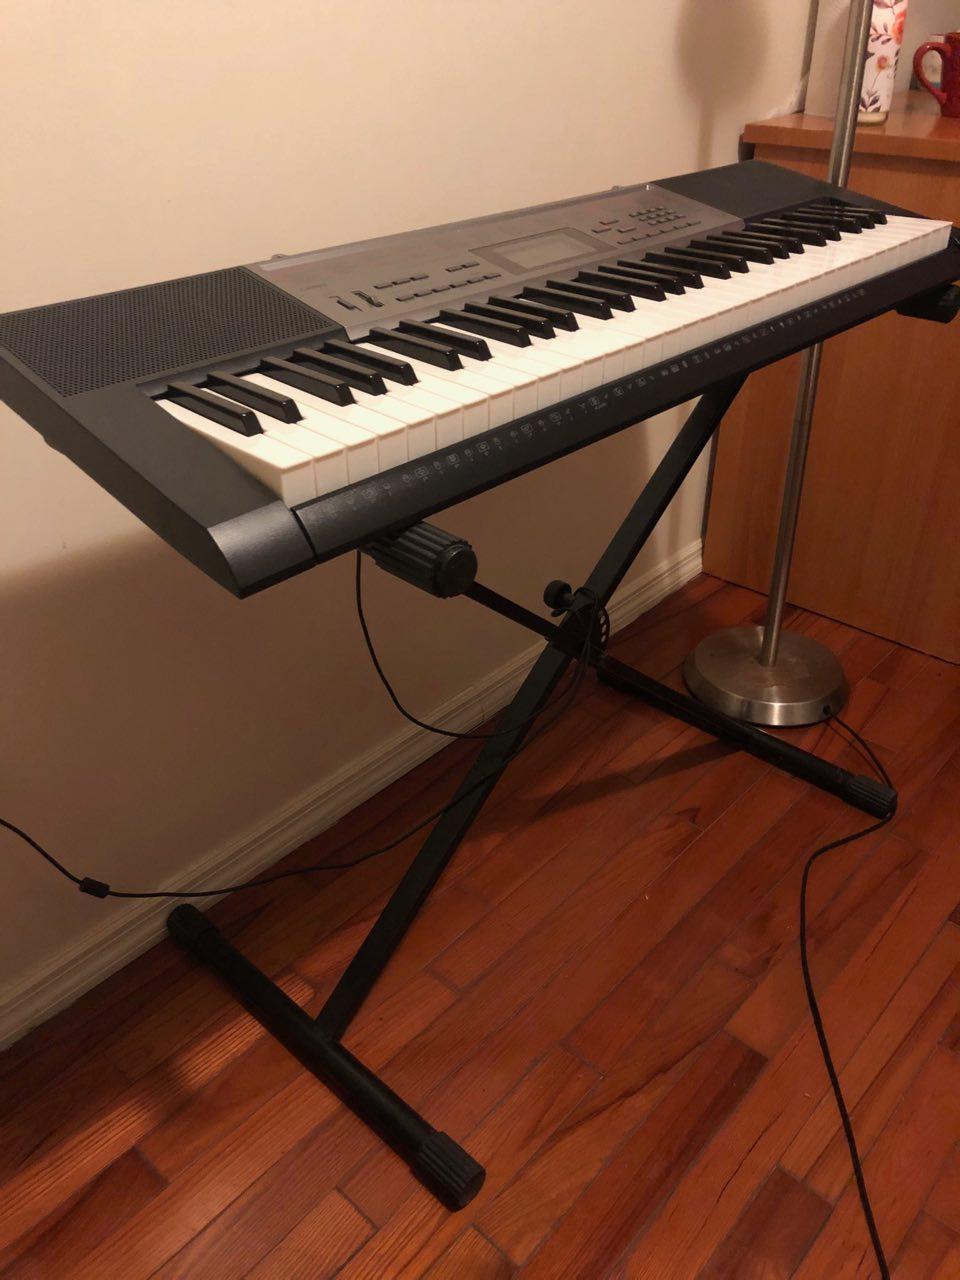 Yamaha 電子琴 僅售$50 ,聯繫347-751-9888